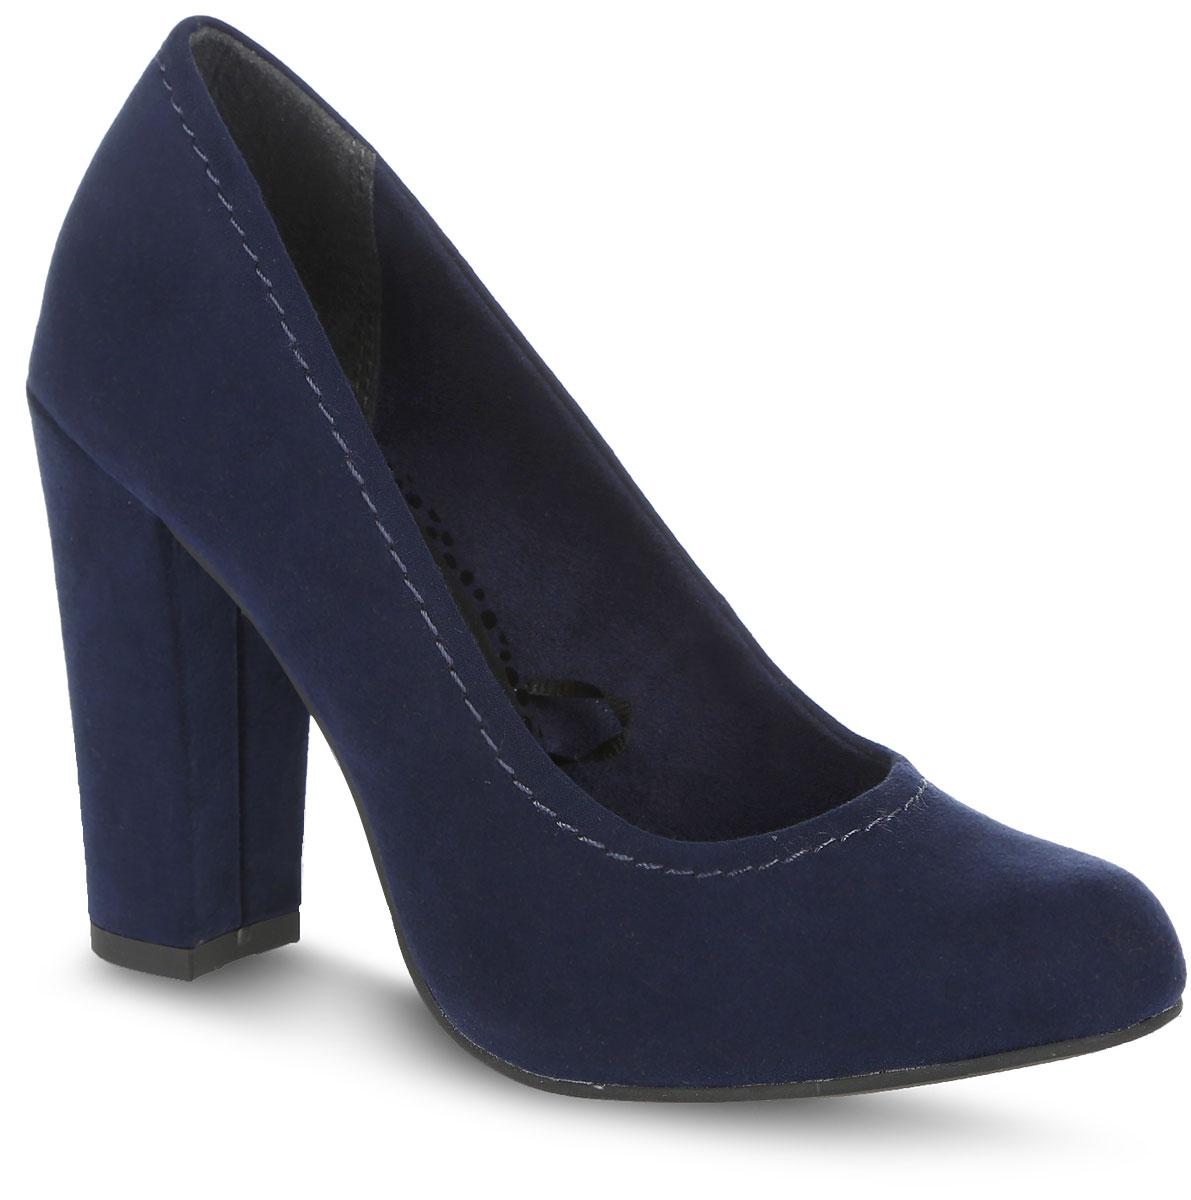 Туфли женские. 2-2-22416-27-8052-2-22416-27-805Стильные туфли от Marco Tozzi не оставят равнодушной настоящую модницу! Модель выполнена из текстиля и оформлена вдоль канта крупной прострочкой. Закругленный носок добавляет женственности в образ. Подкладка из текстиля не натирает. Стелька из искусственной кожи комфортна при движении. Высокий каблук невероятно устойчив. Подошва с рифлением обеспечивает отличное сцепление с любой поверхностью. Элегантные туфли внесут изысканные нотки в ваш образ и подчеркнут вашу утонченную натуру.